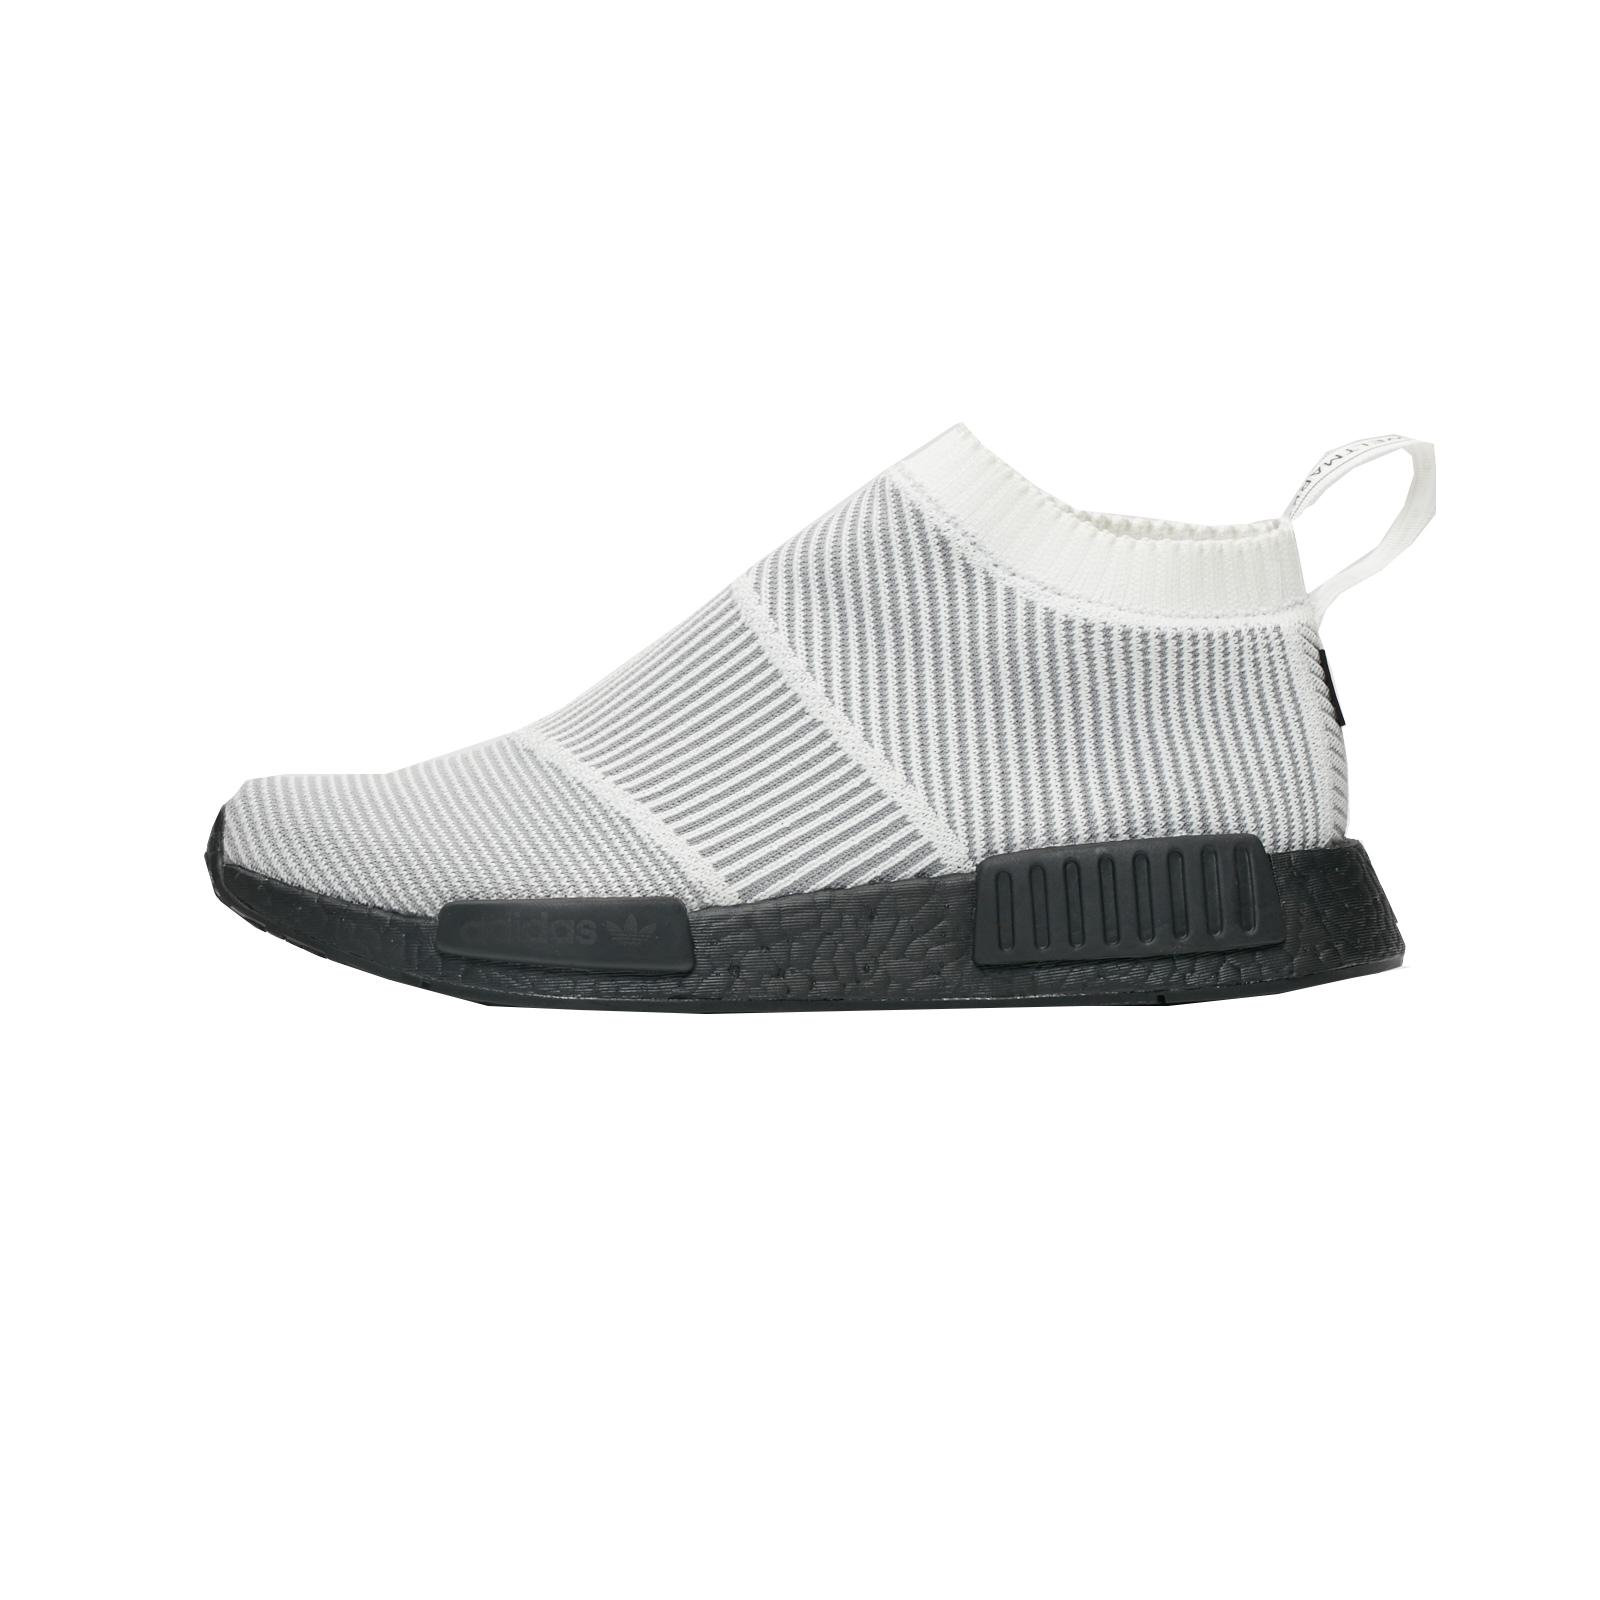 خرید                     کفش راحتی مردانه آدیداس مدل  NMD CS1 Goretex Primeknit by9404